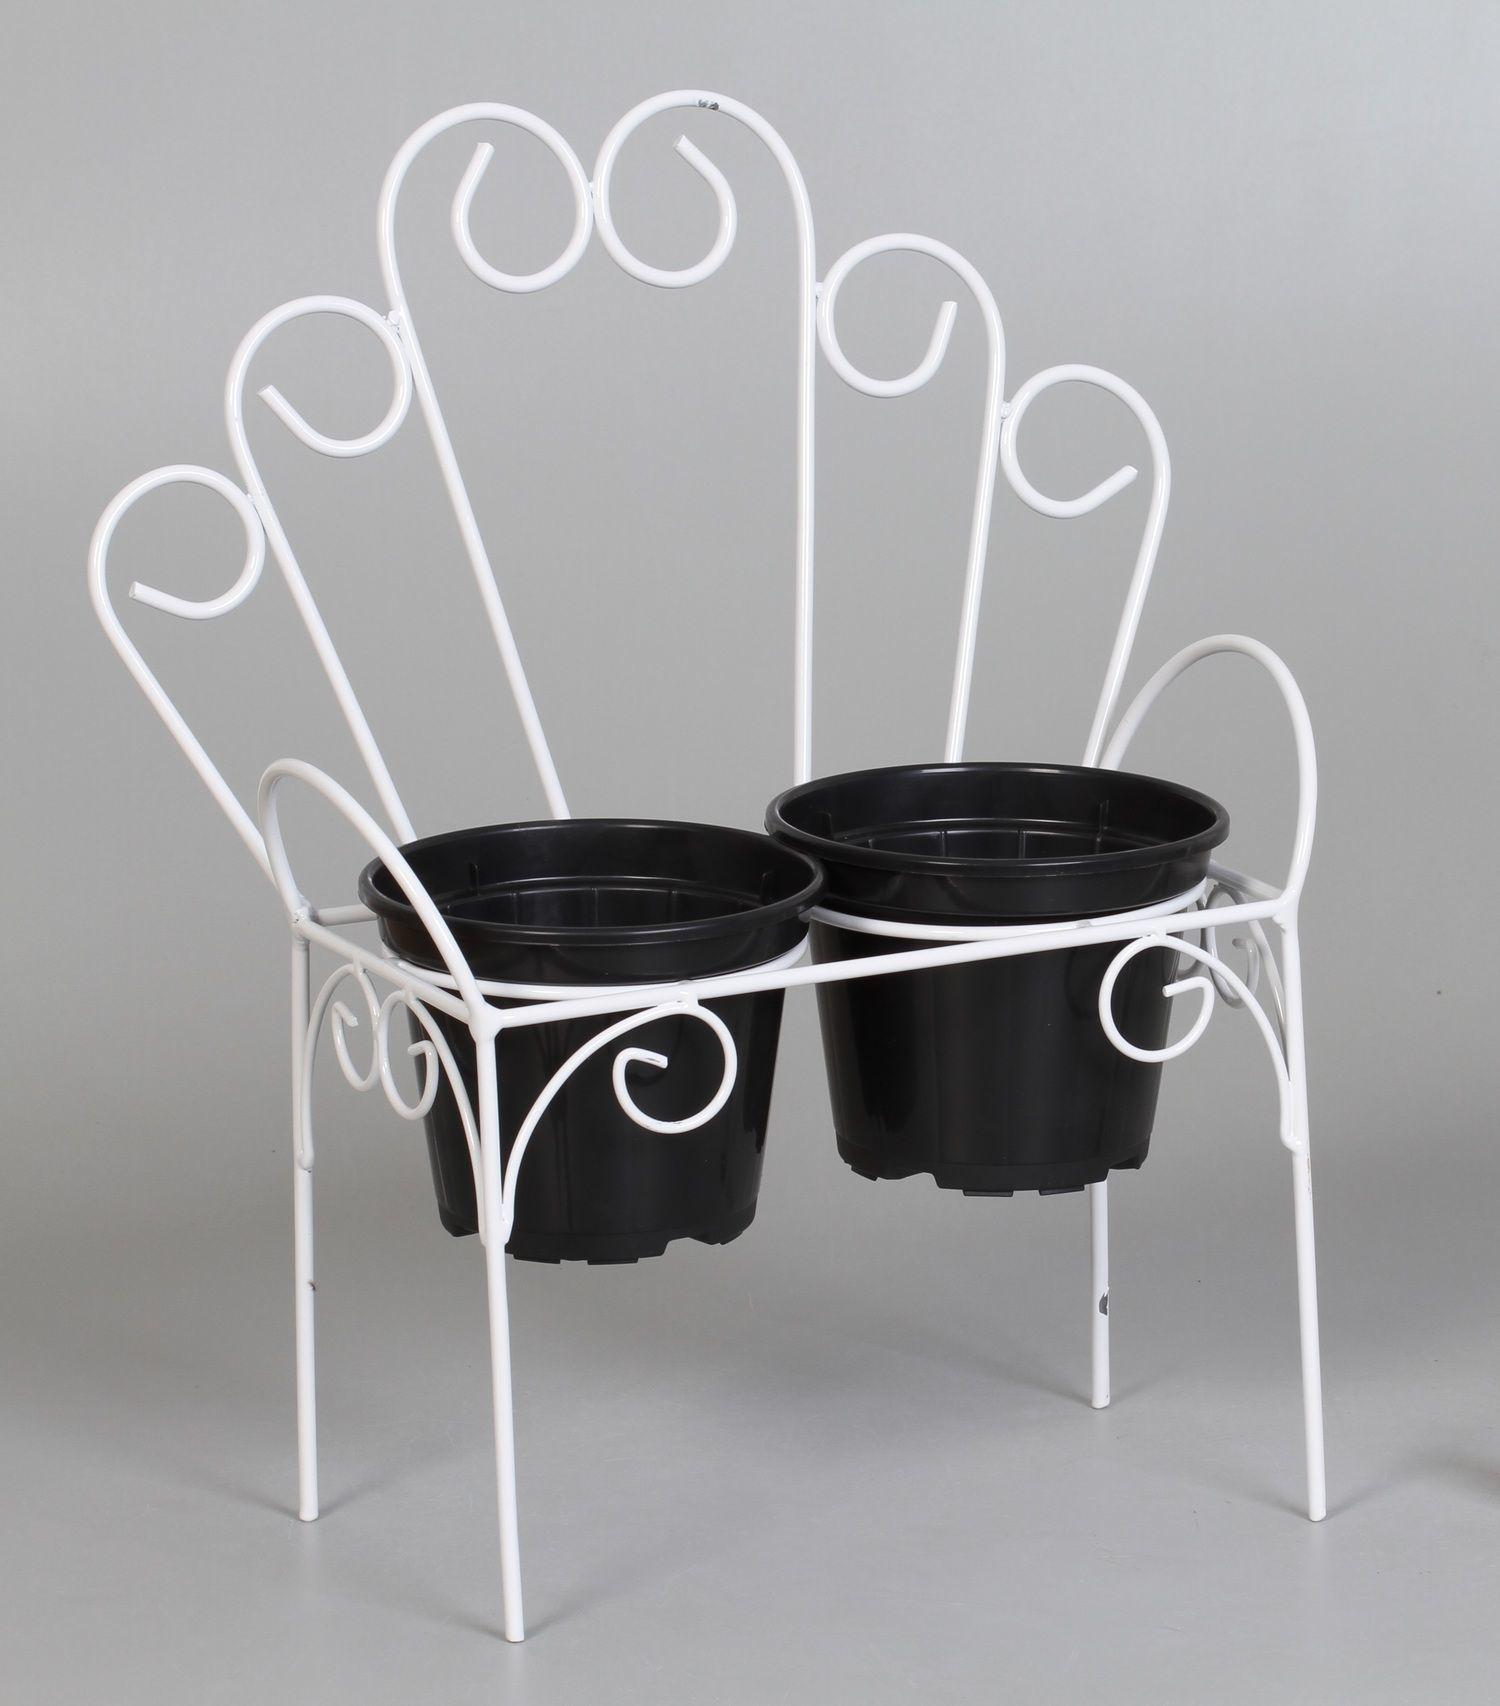 2 suportes cachepots cadeirinha arcos branco (inclui cachepots)